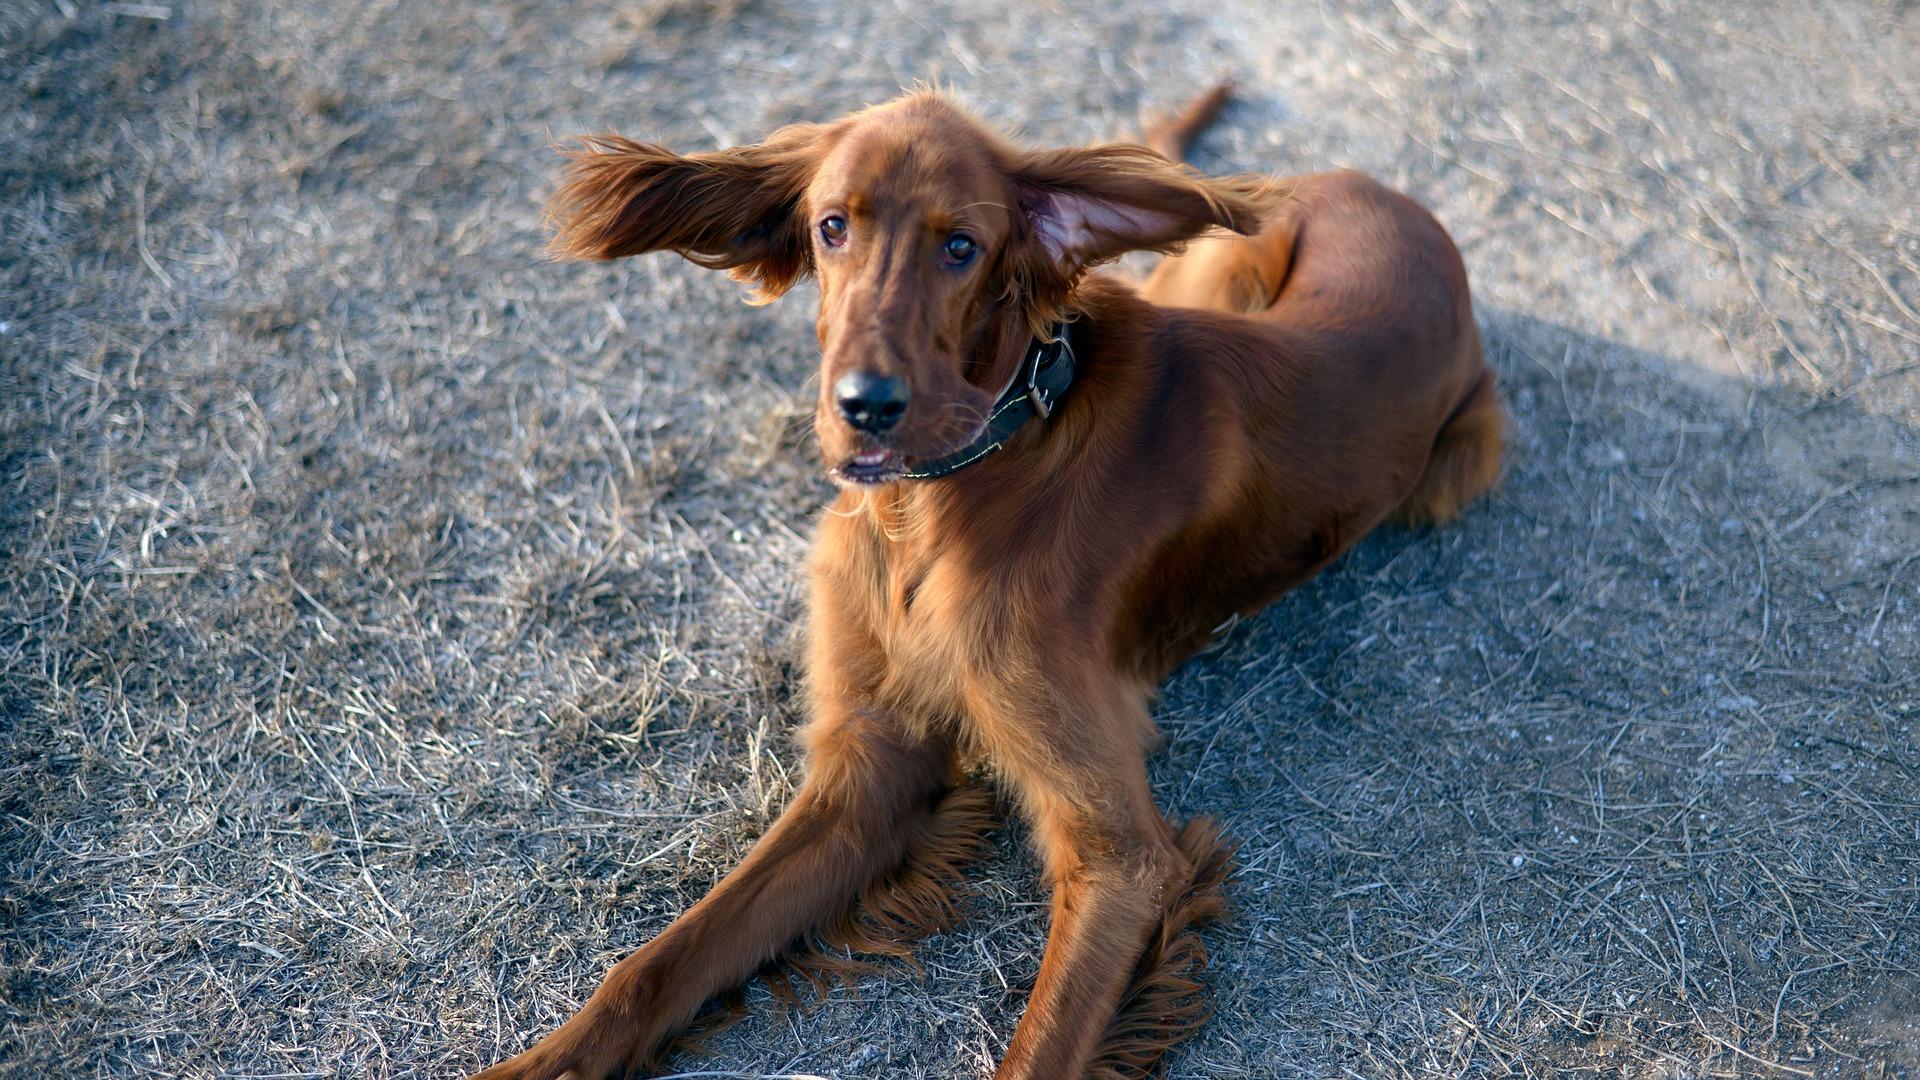 犬の網膜萎縮を徹底解説!犬の病気を正しく知ろう